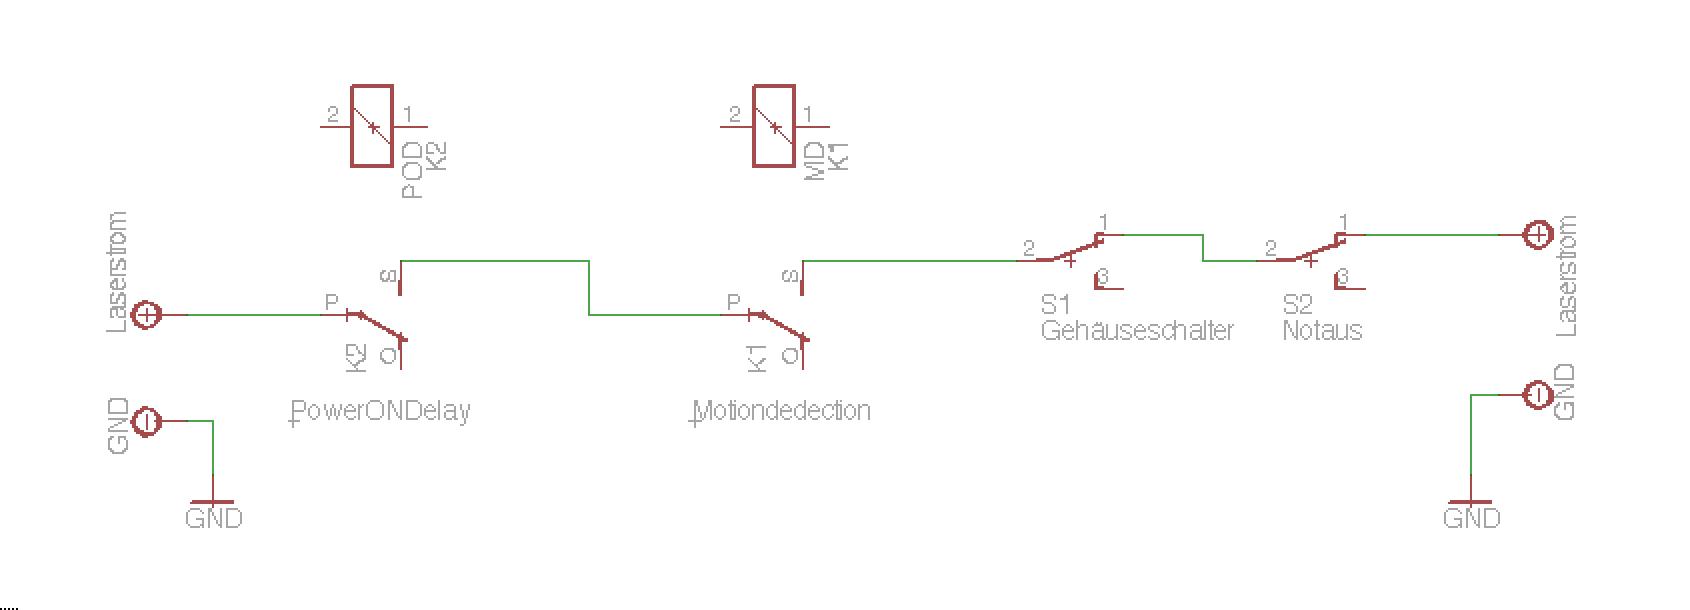 Eleksmaker A3 Pro - Eure Erfahrungen - Mikrocontroller net